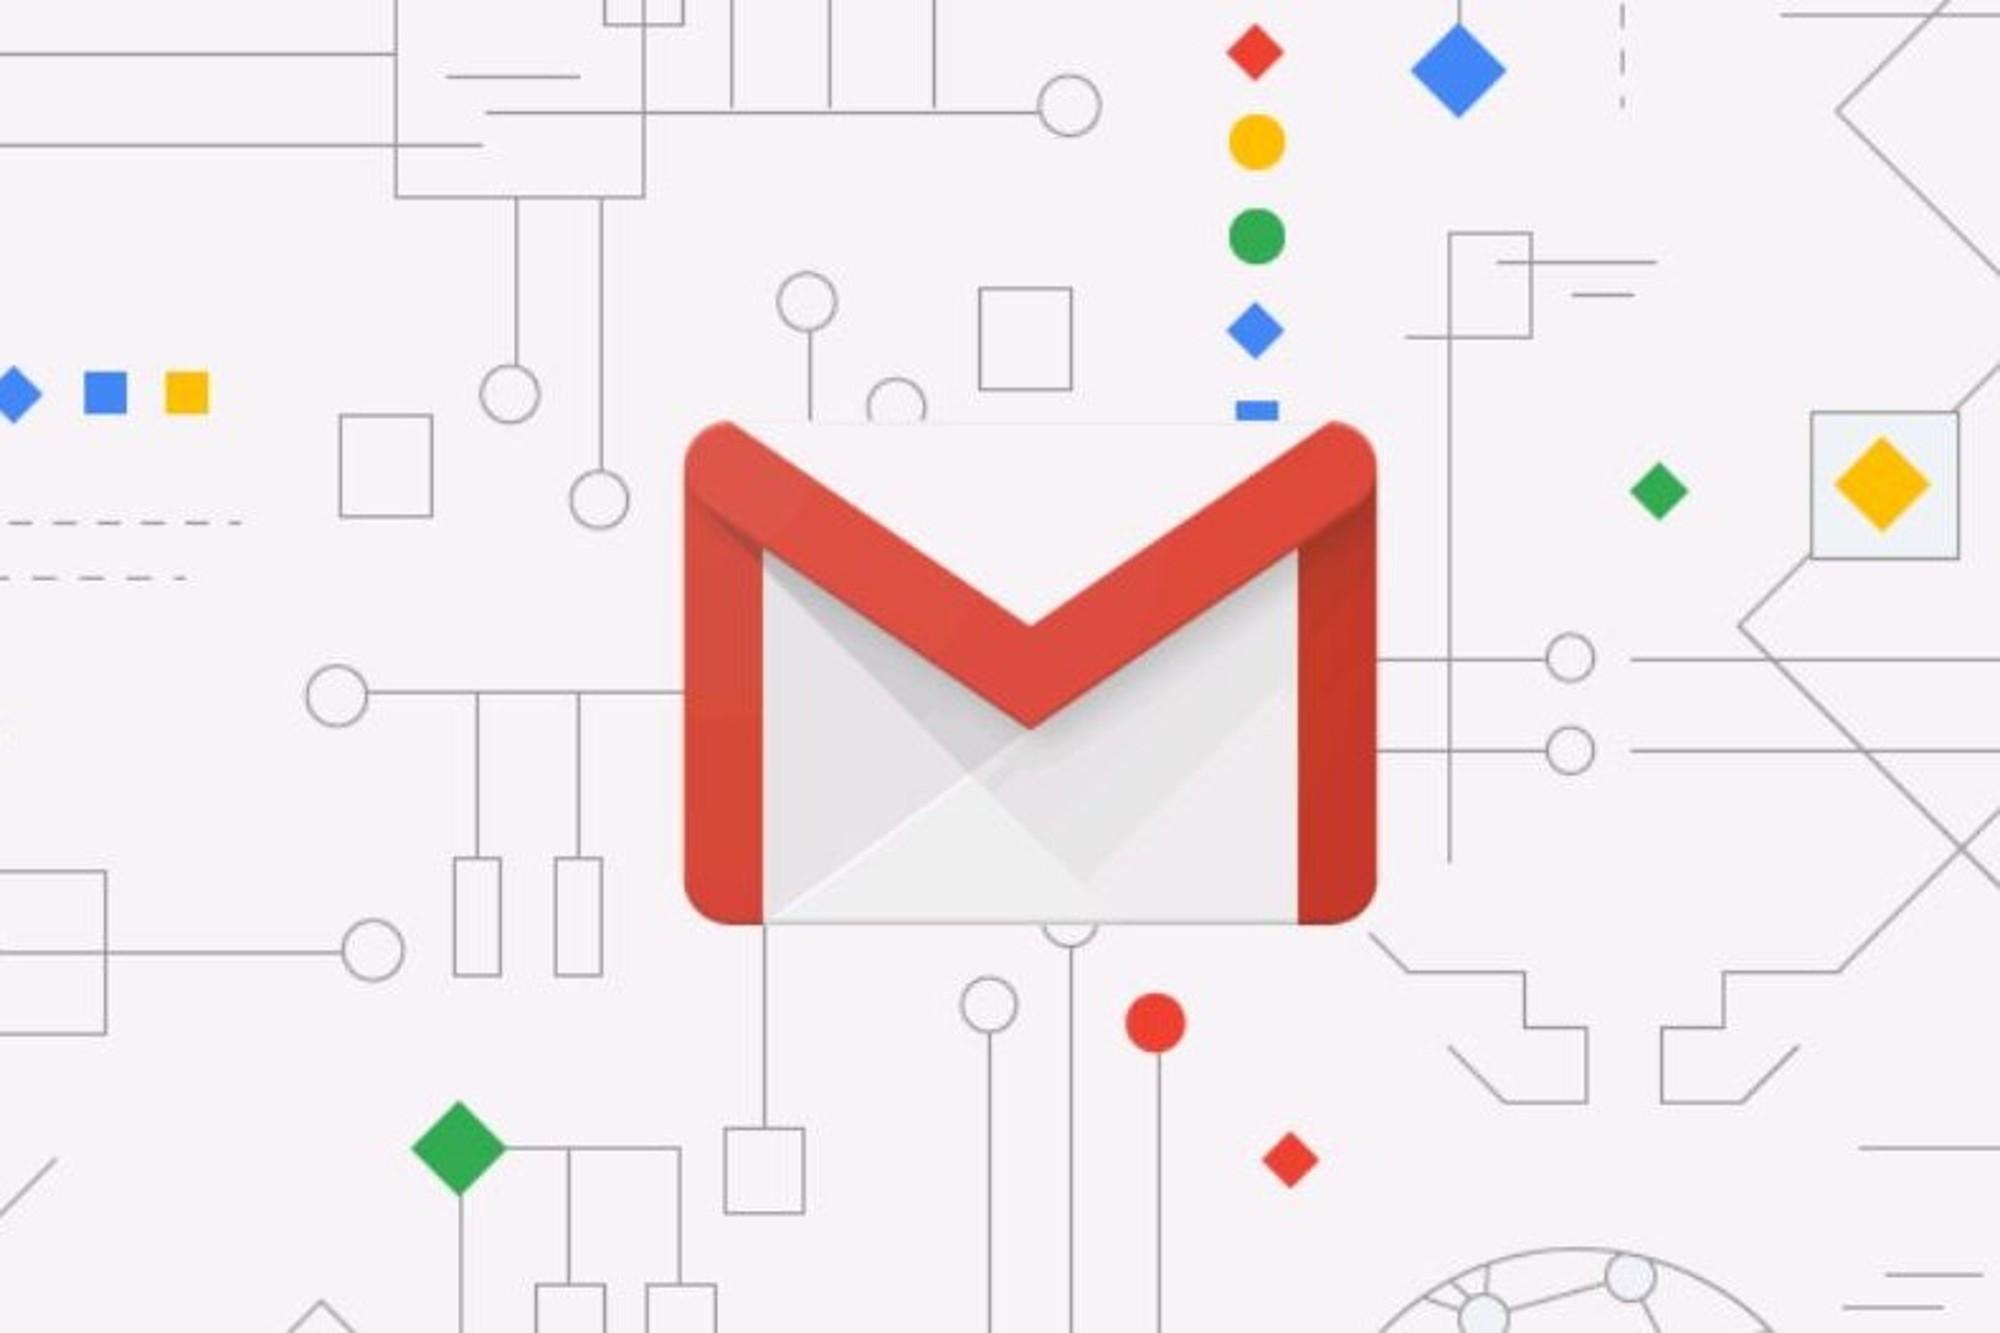 Cybersécurité : plus de 3 milliards de mots de passe Gmail et Hotmail divulgués en ligne - RTL.fr